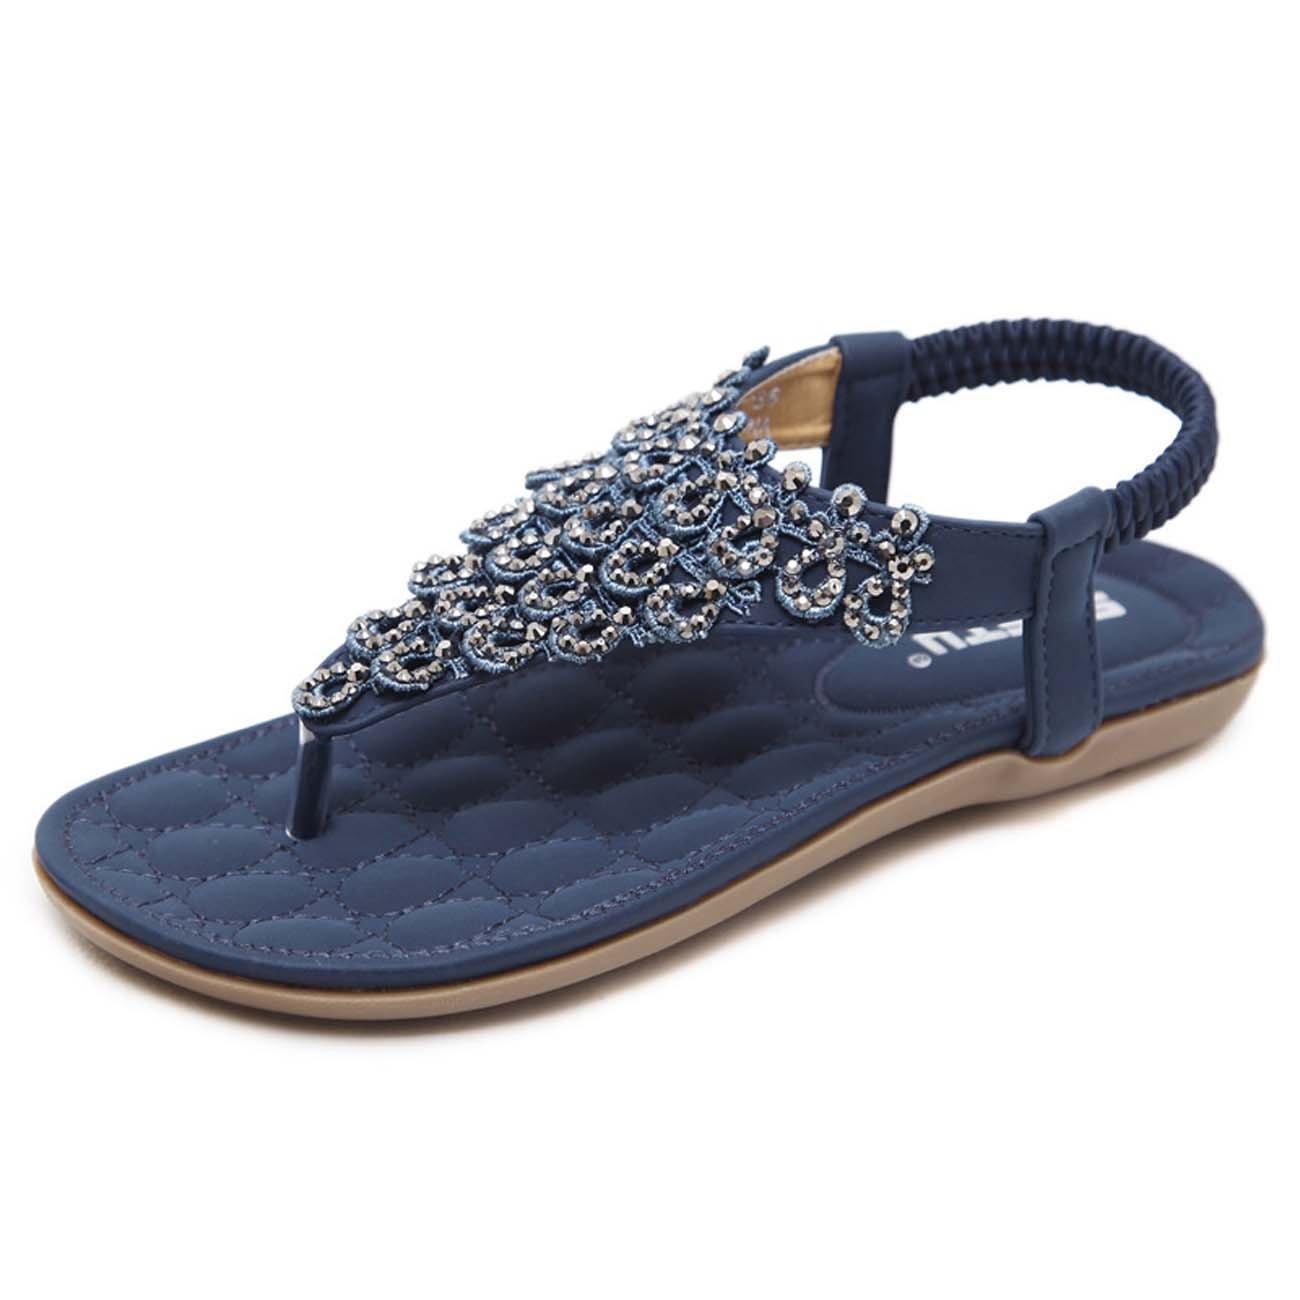 Código Grande Sandalias Zapatos De Playa Zapatos Planos,#1,40 40|#1